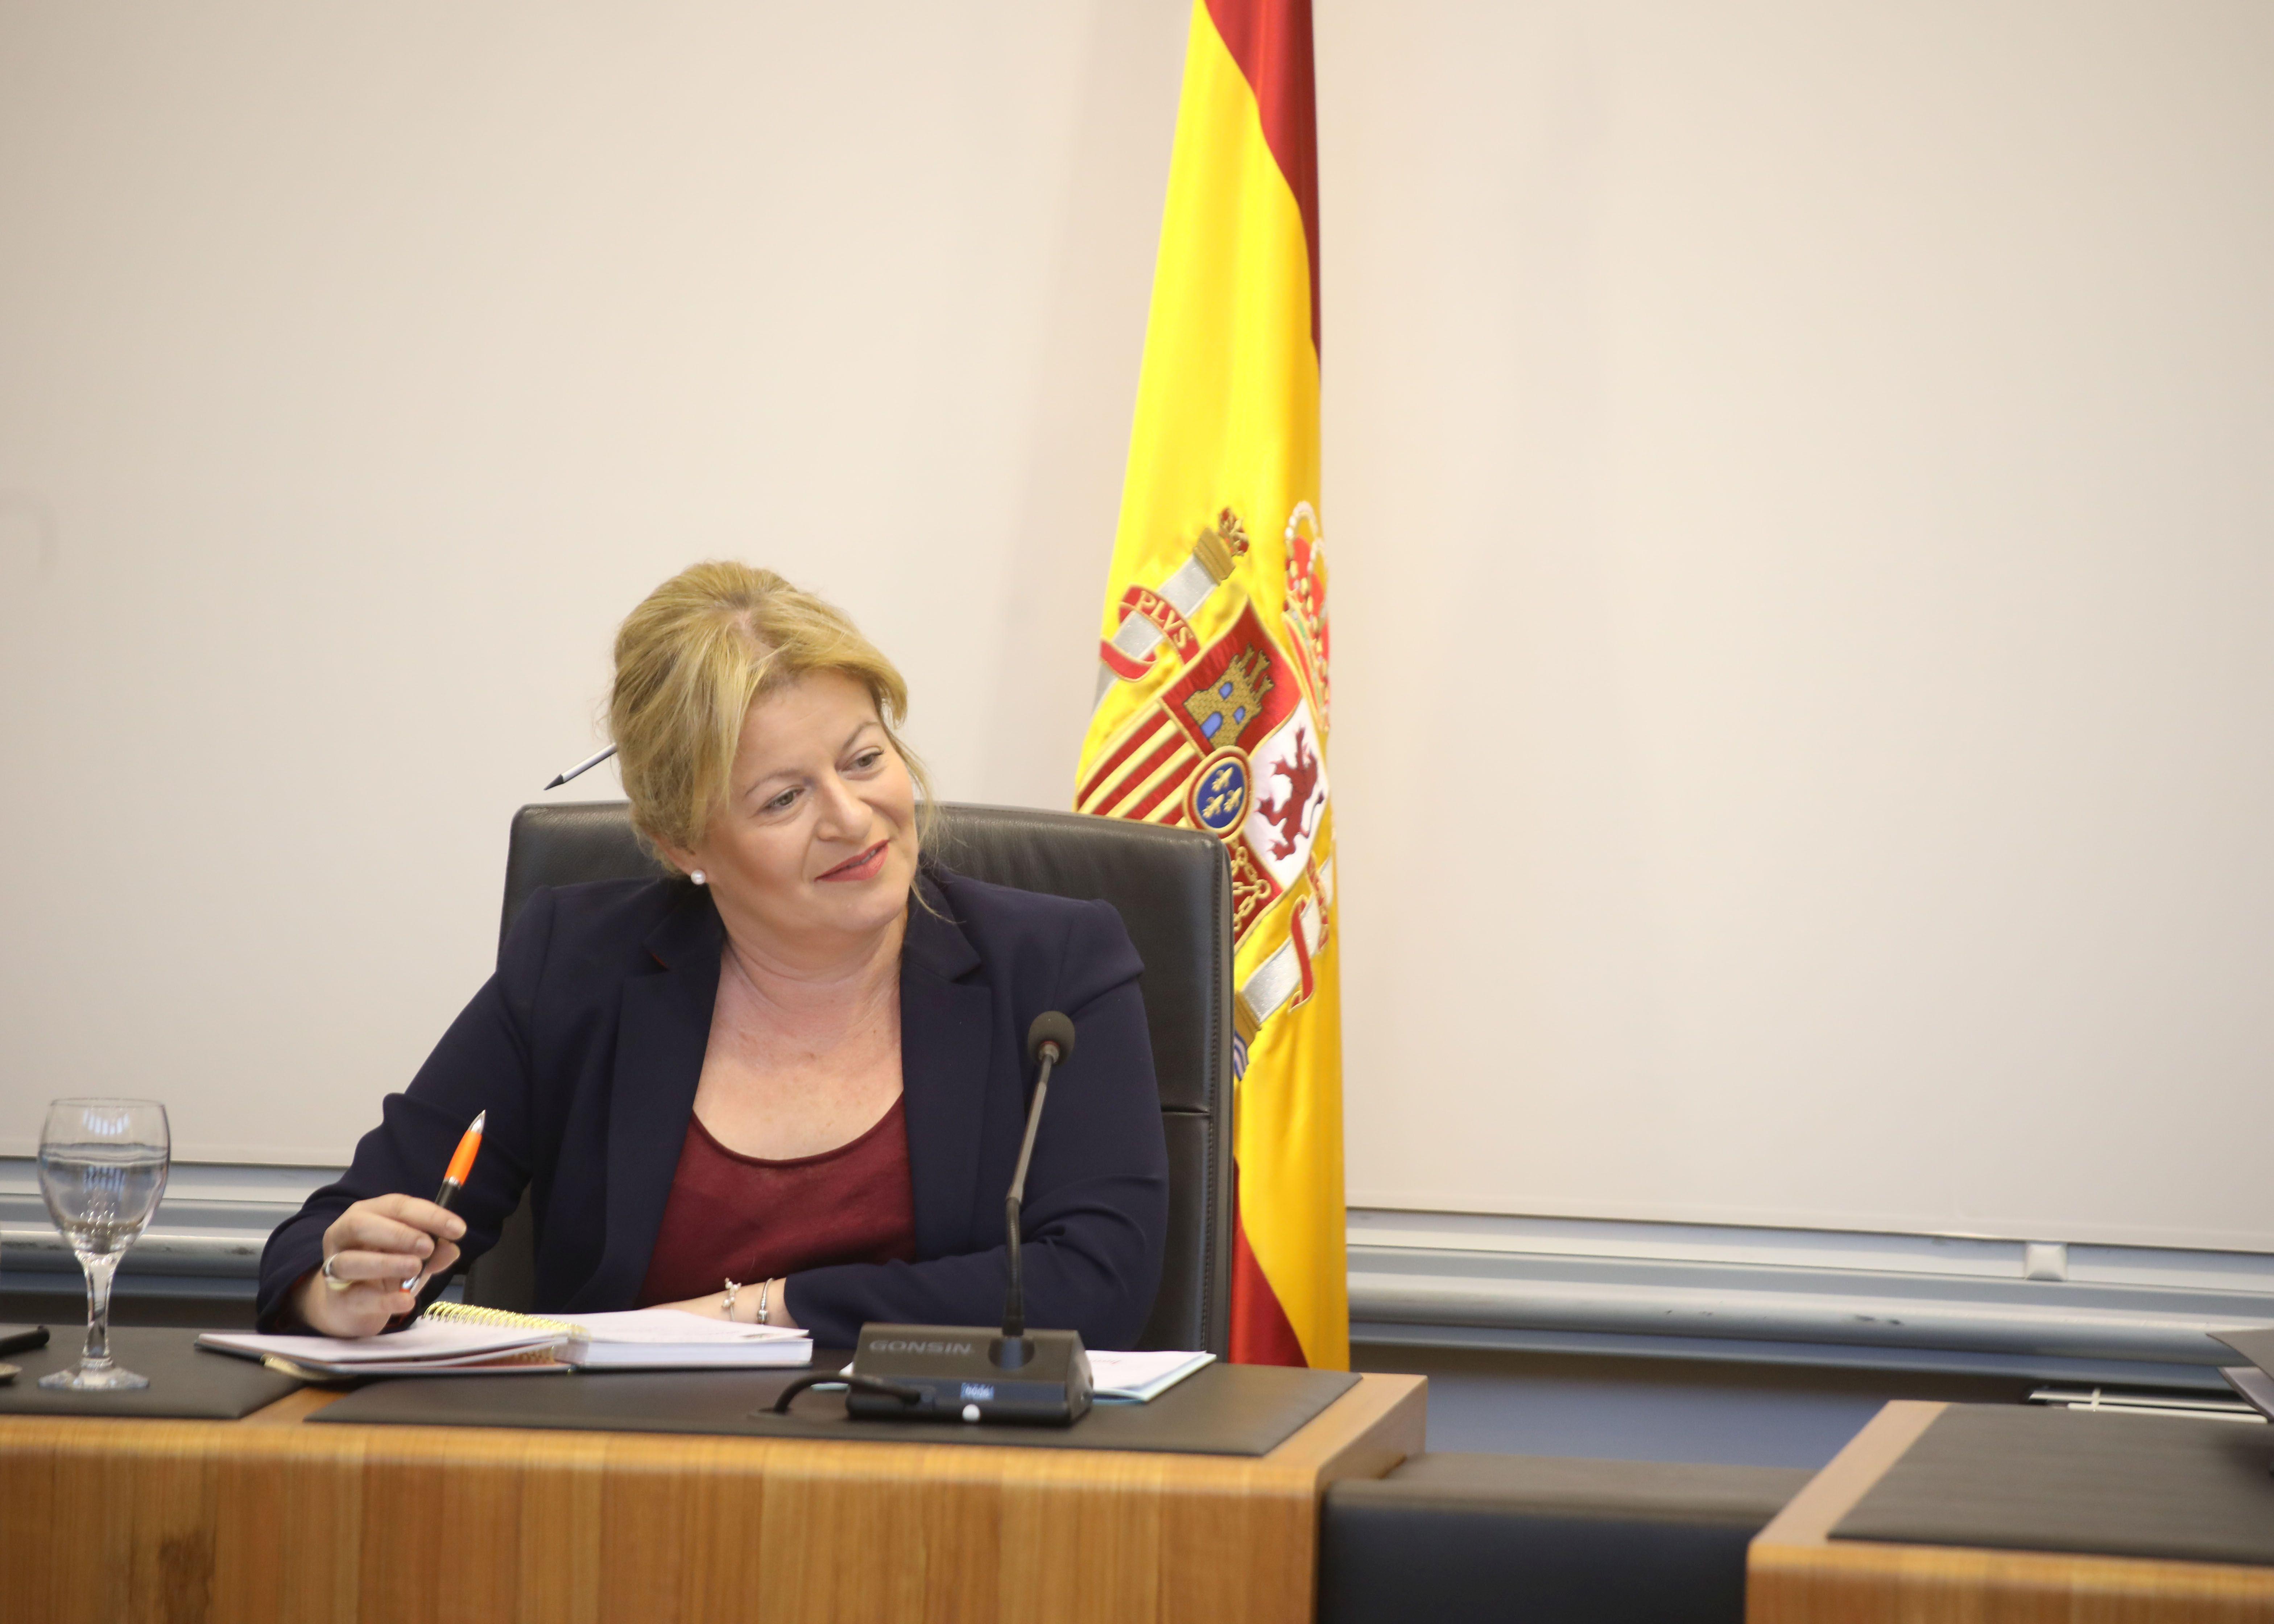 """El PP pide a Puig que se una a Murcia y Andalucía contra el """"cerrojazo"""" del trasvase Tajo-Segura"""